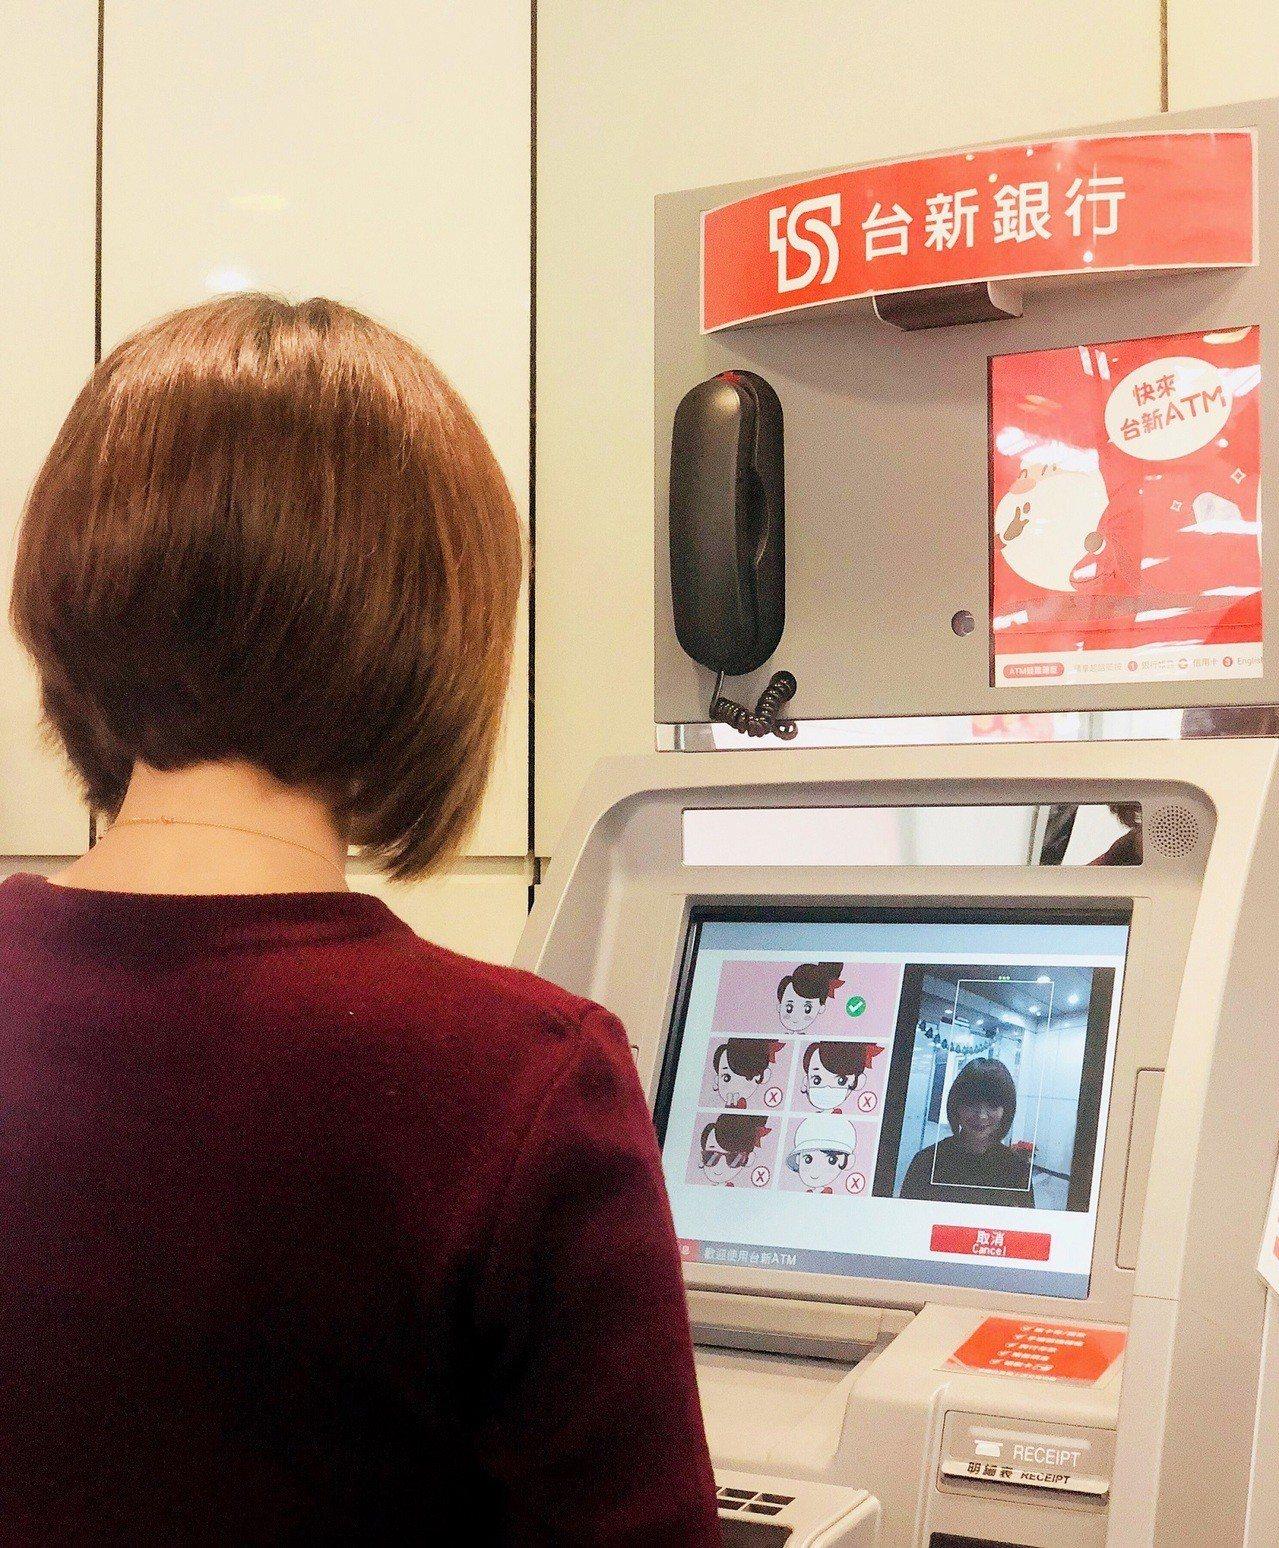 台新銀行推出ATM刷臉提款服務,台新銀行客戶靠臉就能領錢,出門免帶提款卡。 圖/...